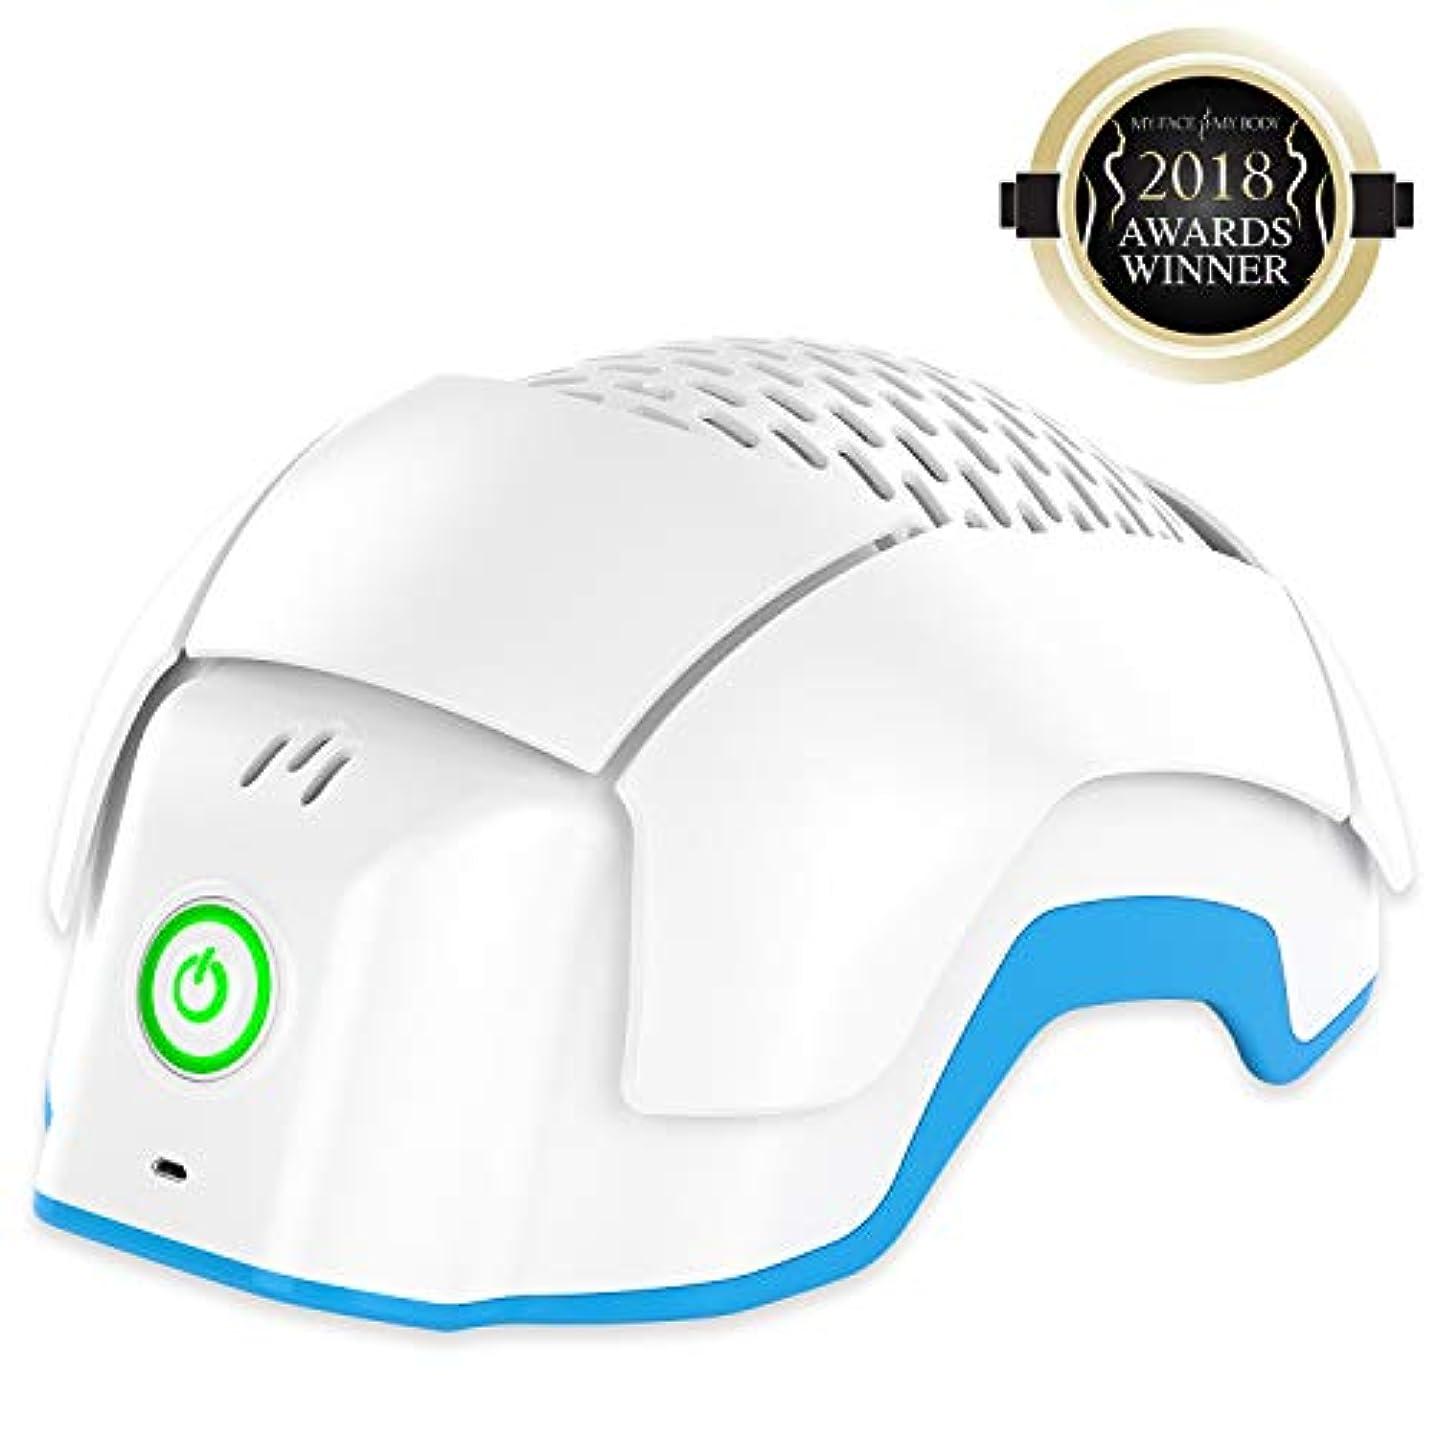 ヒューズ触覚正規化Theradome LH80 Pro セラドーム  ヘルメット型 低出力レーザー器